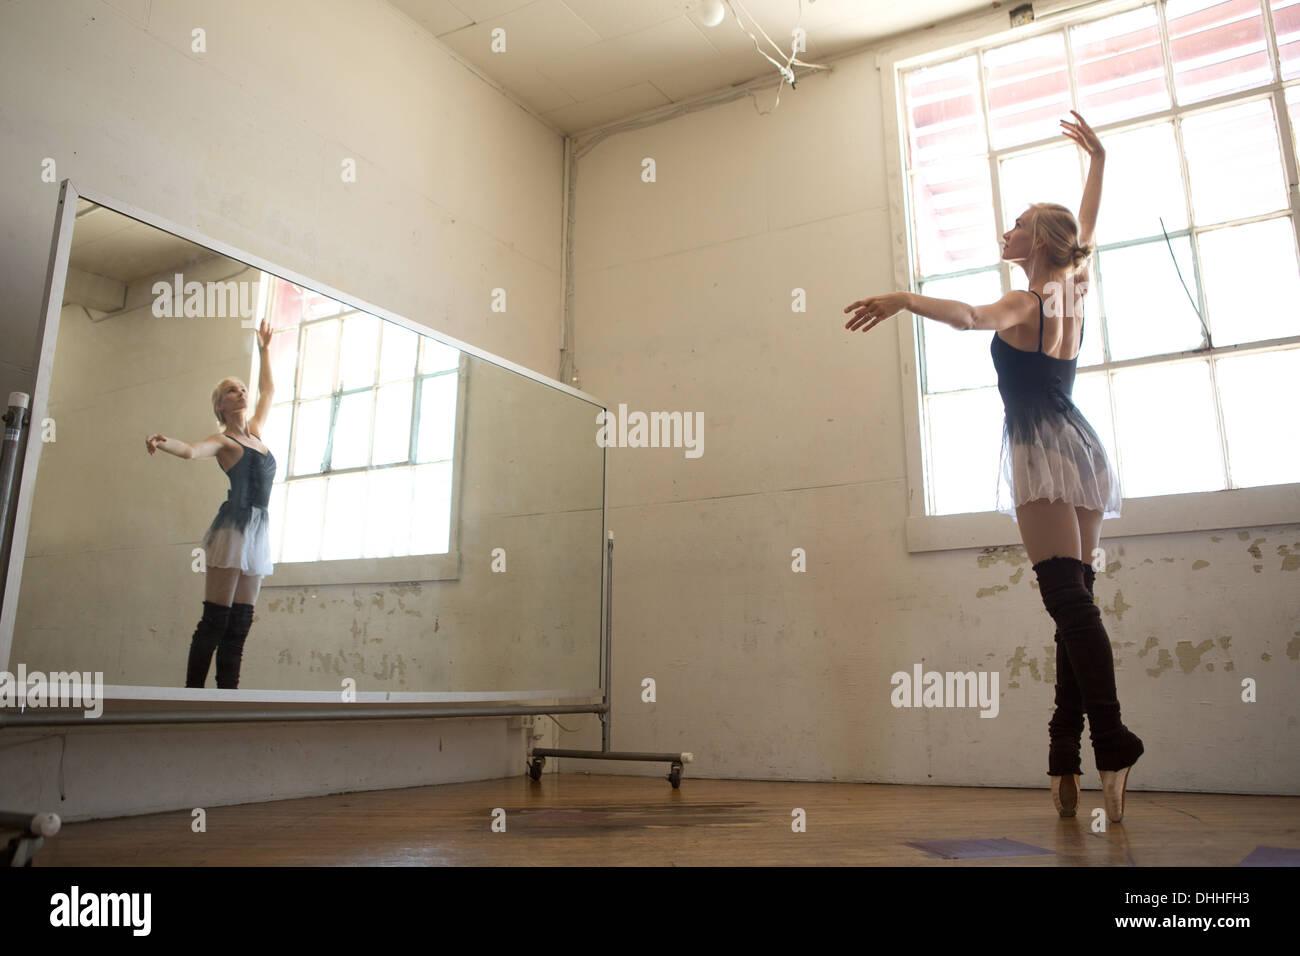 Ballet dancer practising in front of mirror - Stock Image